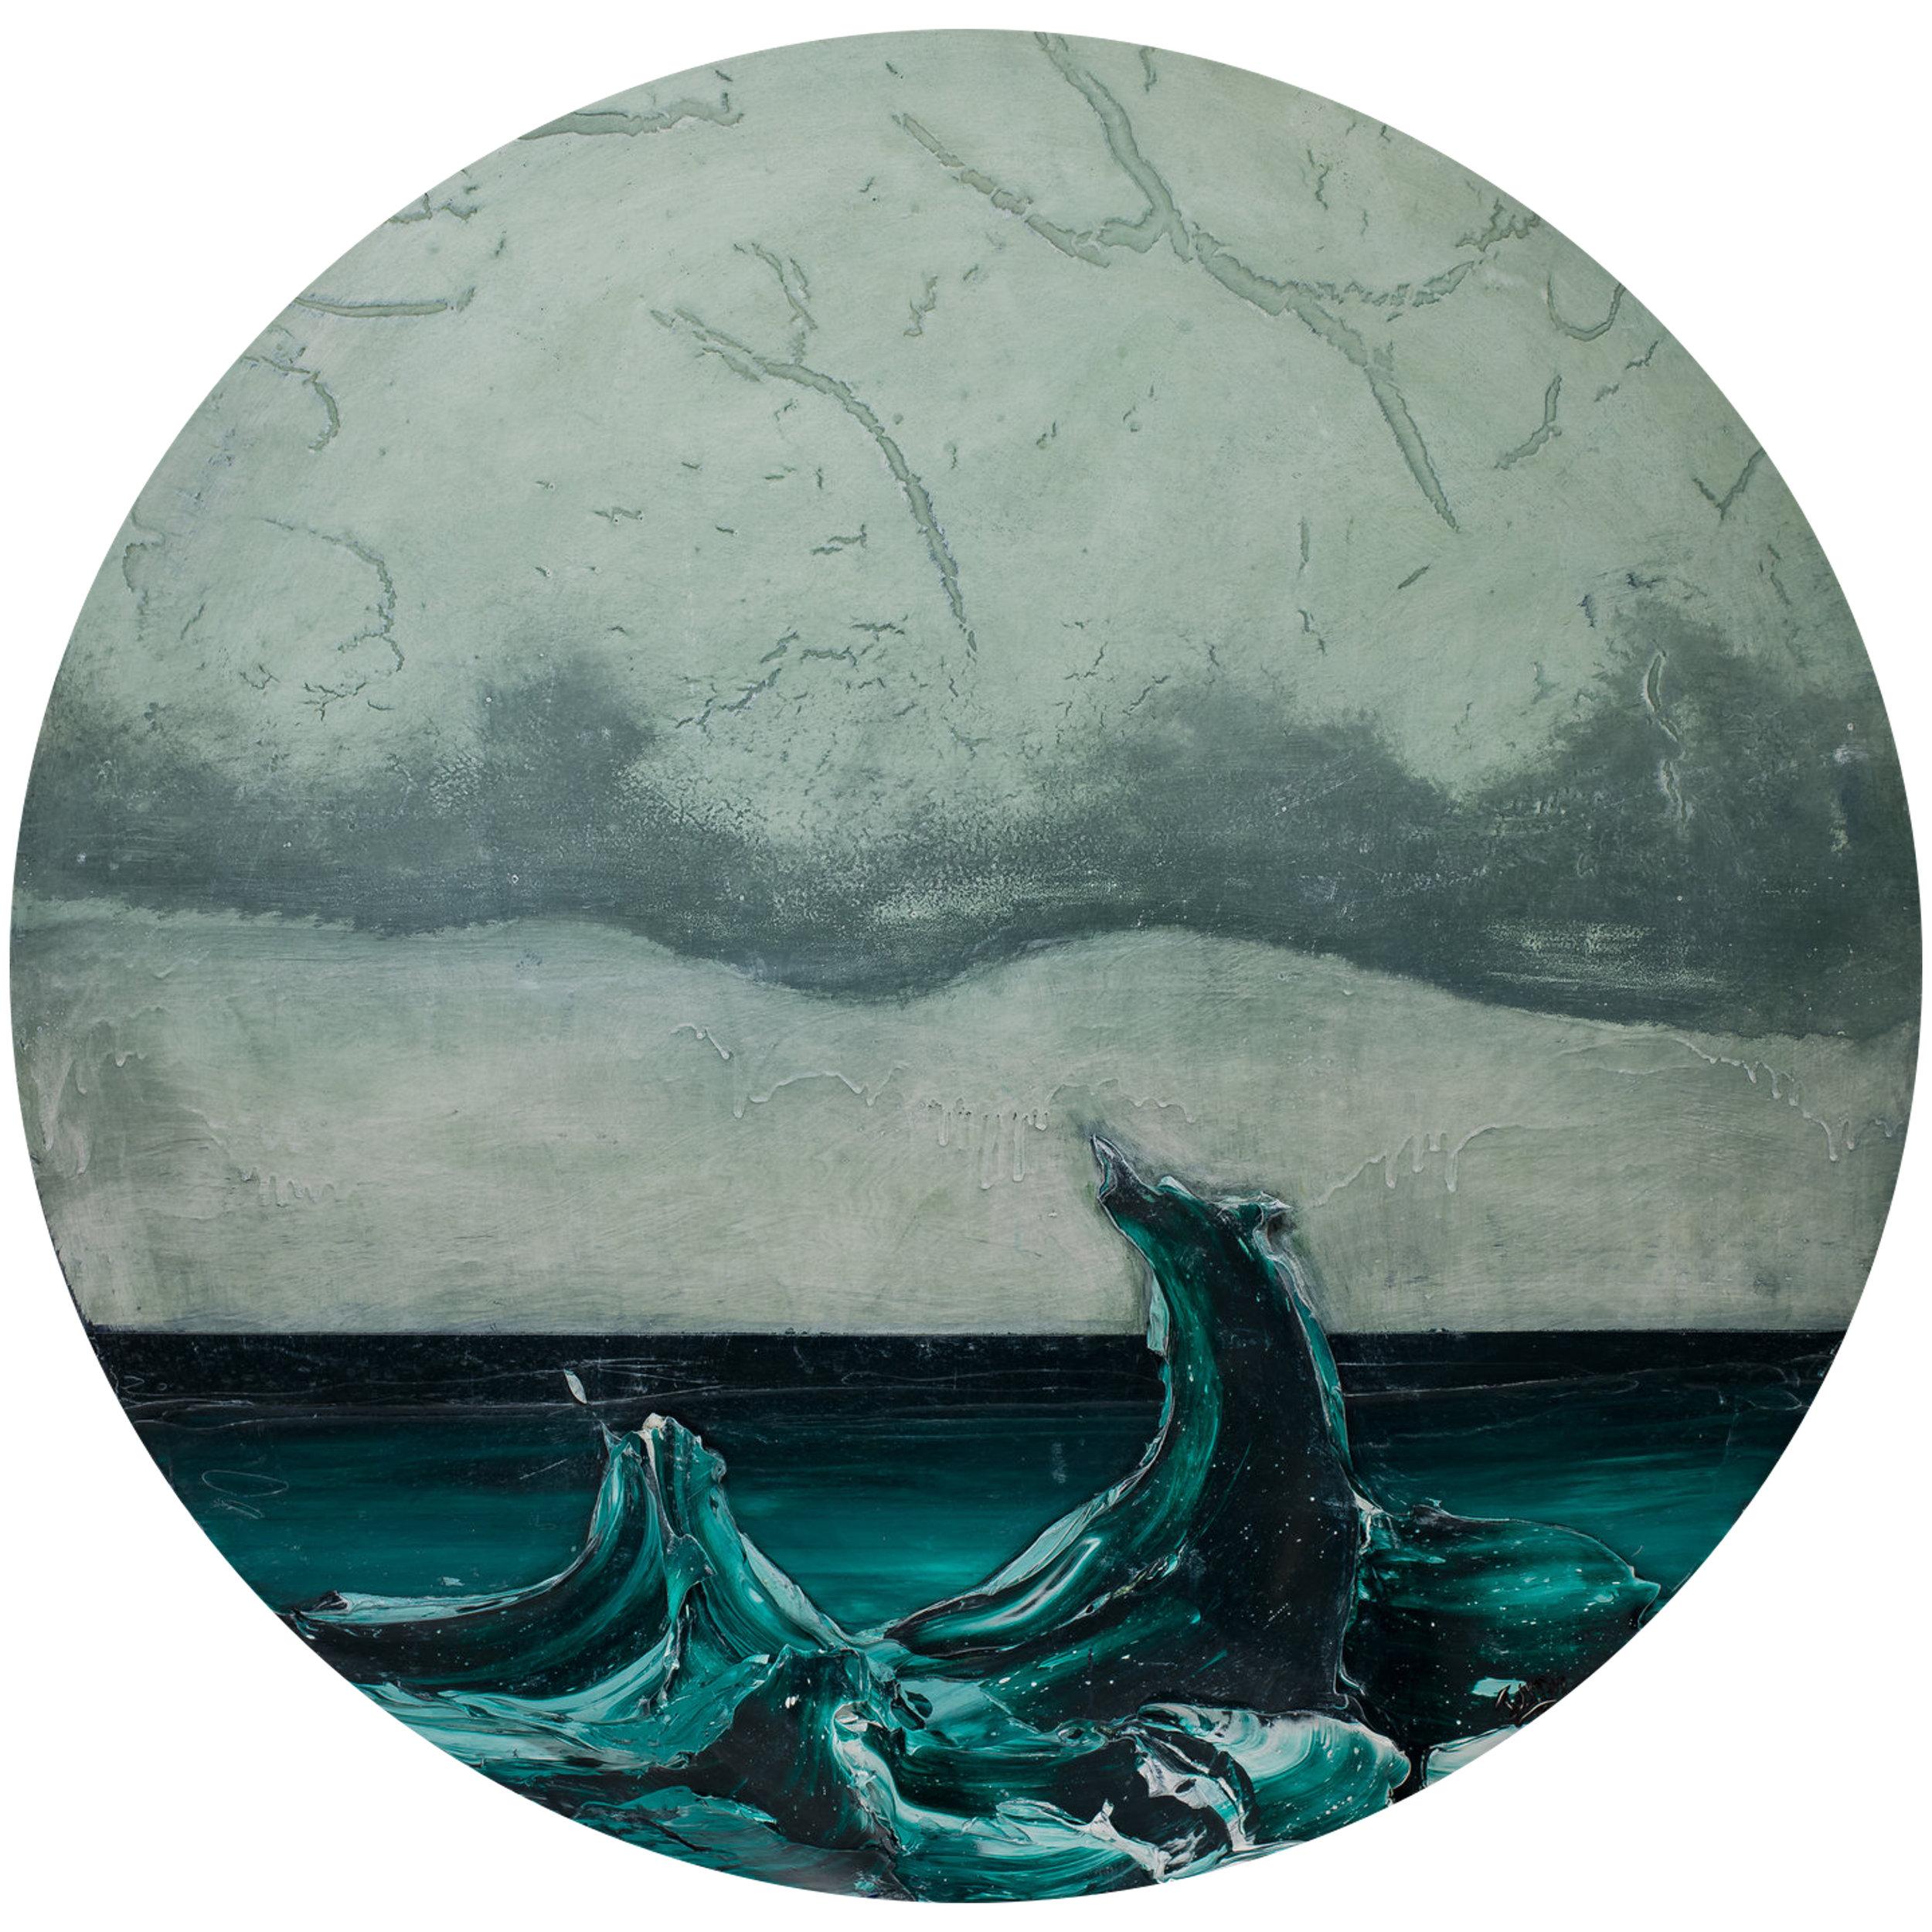 WAVE SERIES 21